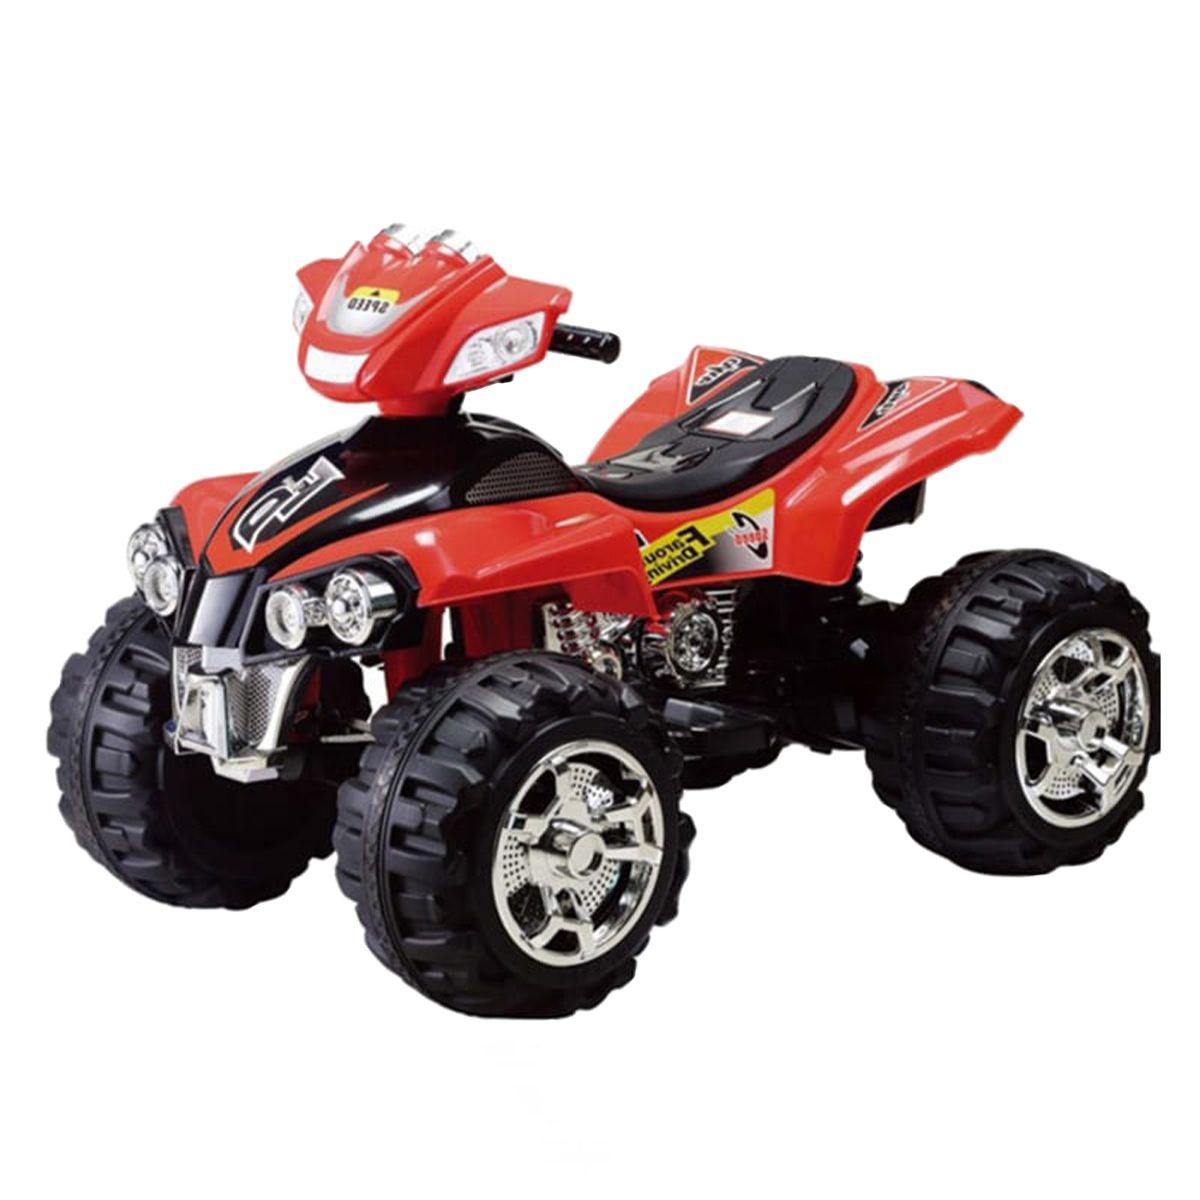 موتور شارژی چهارچرخ مدل 5128